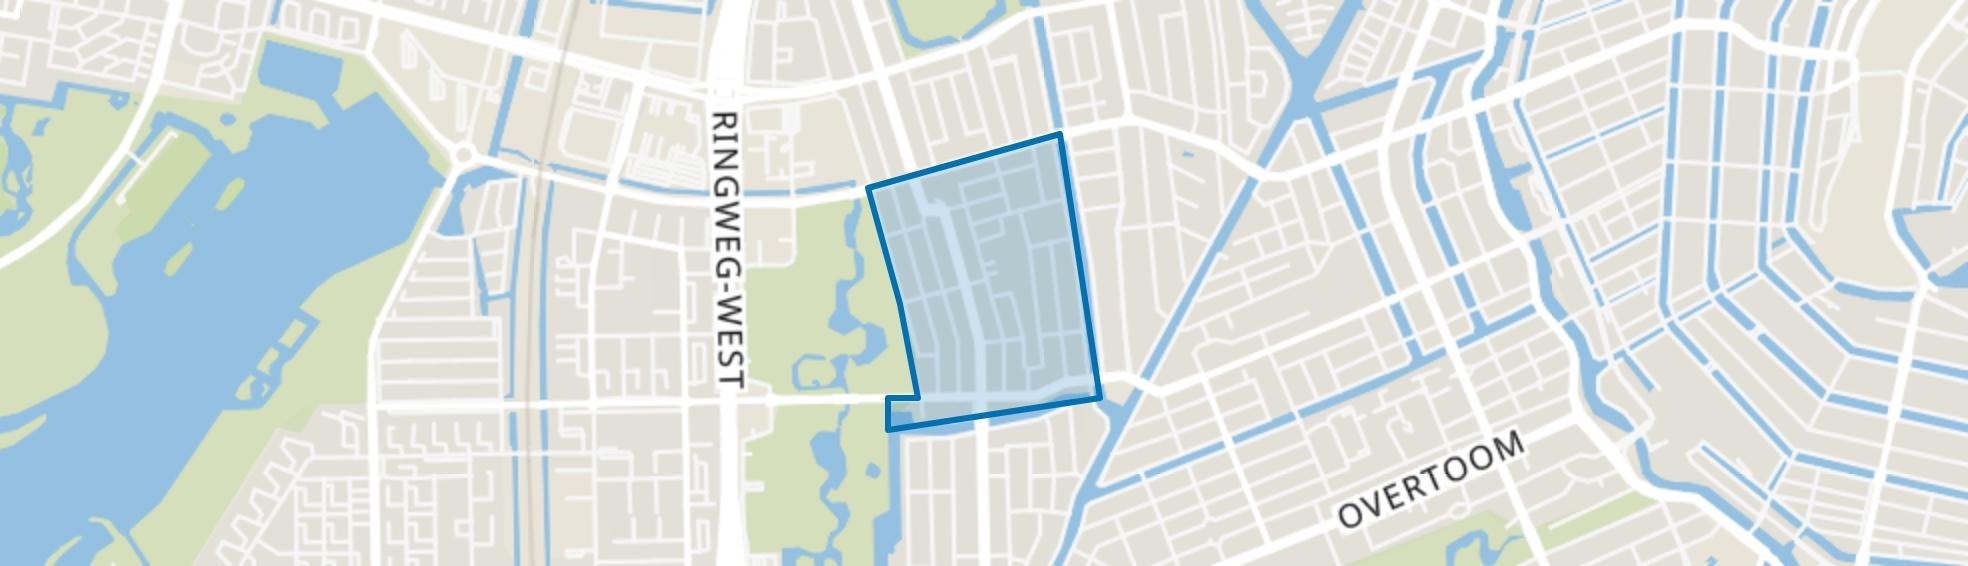 Hoofdweg e.o., Amsterdam map